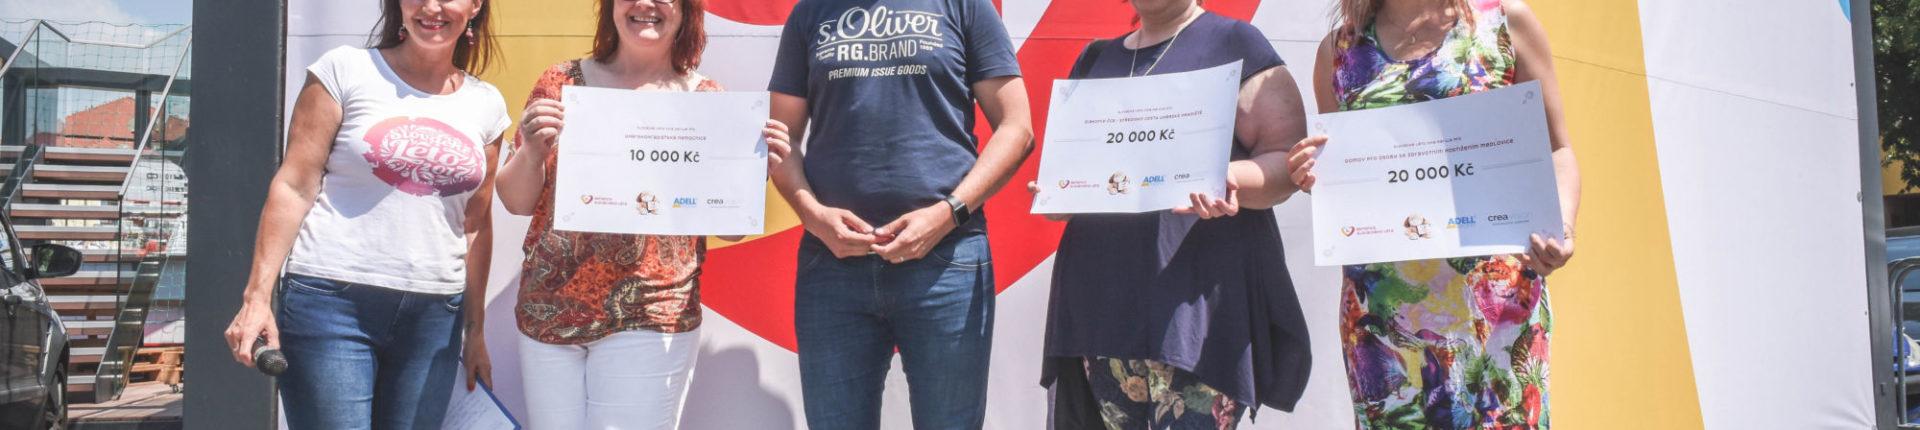 Benefice Slováckého léta pomáhá na mnoha místech